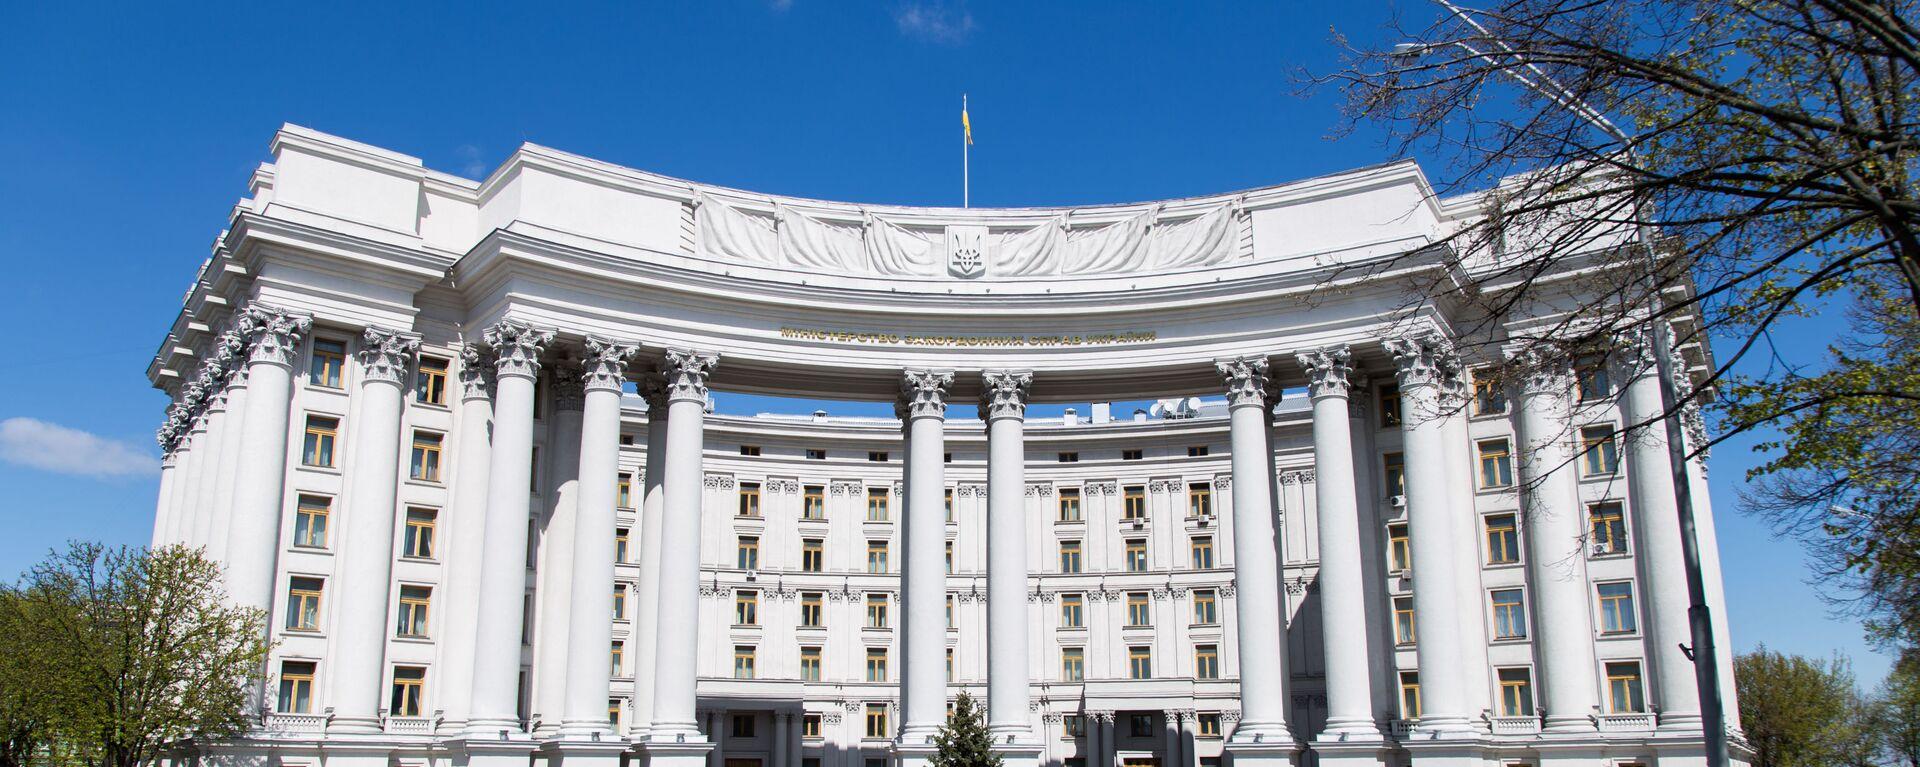 Kijev formulisao spoljnopolitičku strategiju, traži od Rusije reparacije - Sputnik Srbija, 1920, 30.07.2021